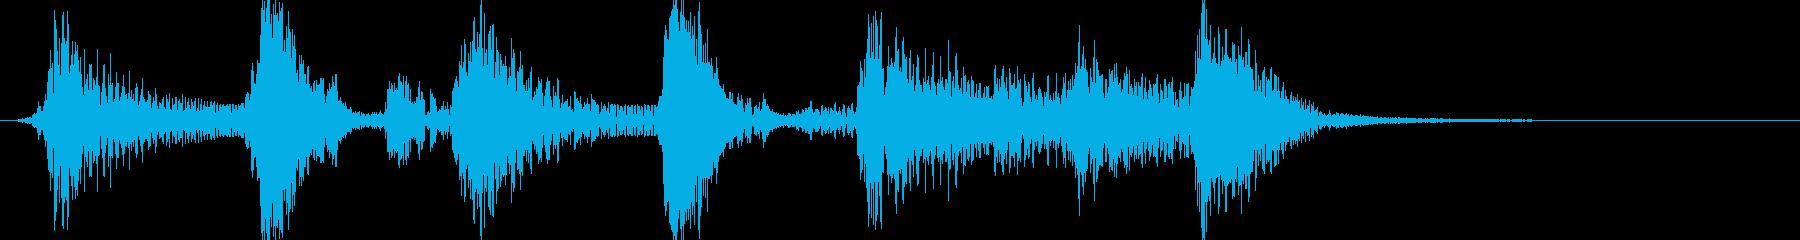 ピアノ、スキップの感じのんの再生済みの波形